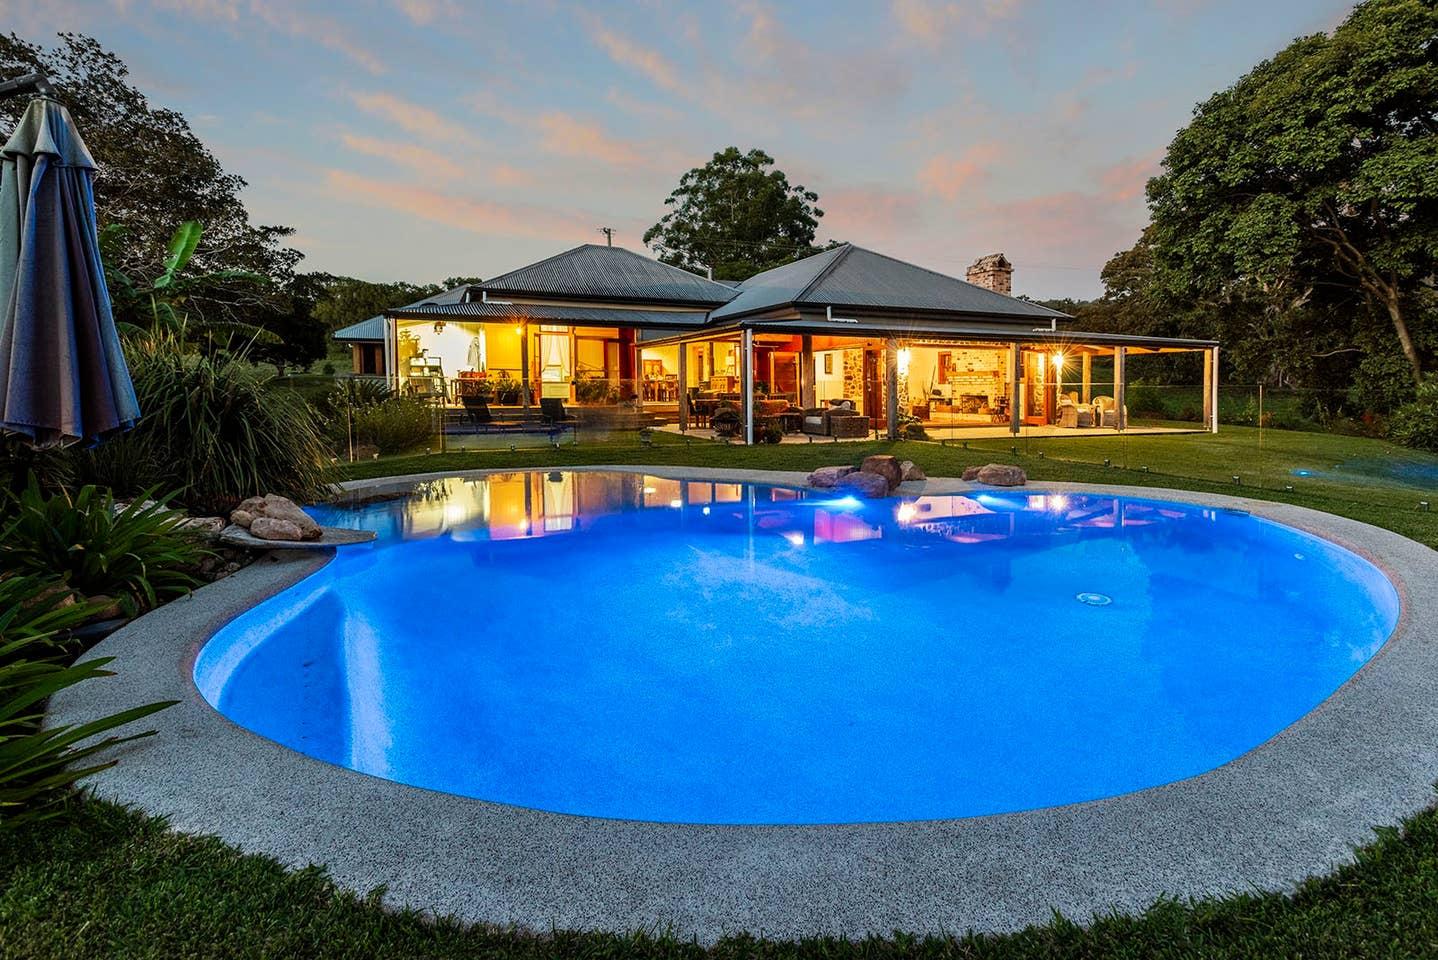 Full Size of Kanimbia Homestead Self Isolate On 50 Acres Houses For Rent In Swimmingpool Garten Obi Fenster Immobilienmakler Baden Einbauküche Pool Im Bauen Whirlpool Wohnzimmer Obi Pool